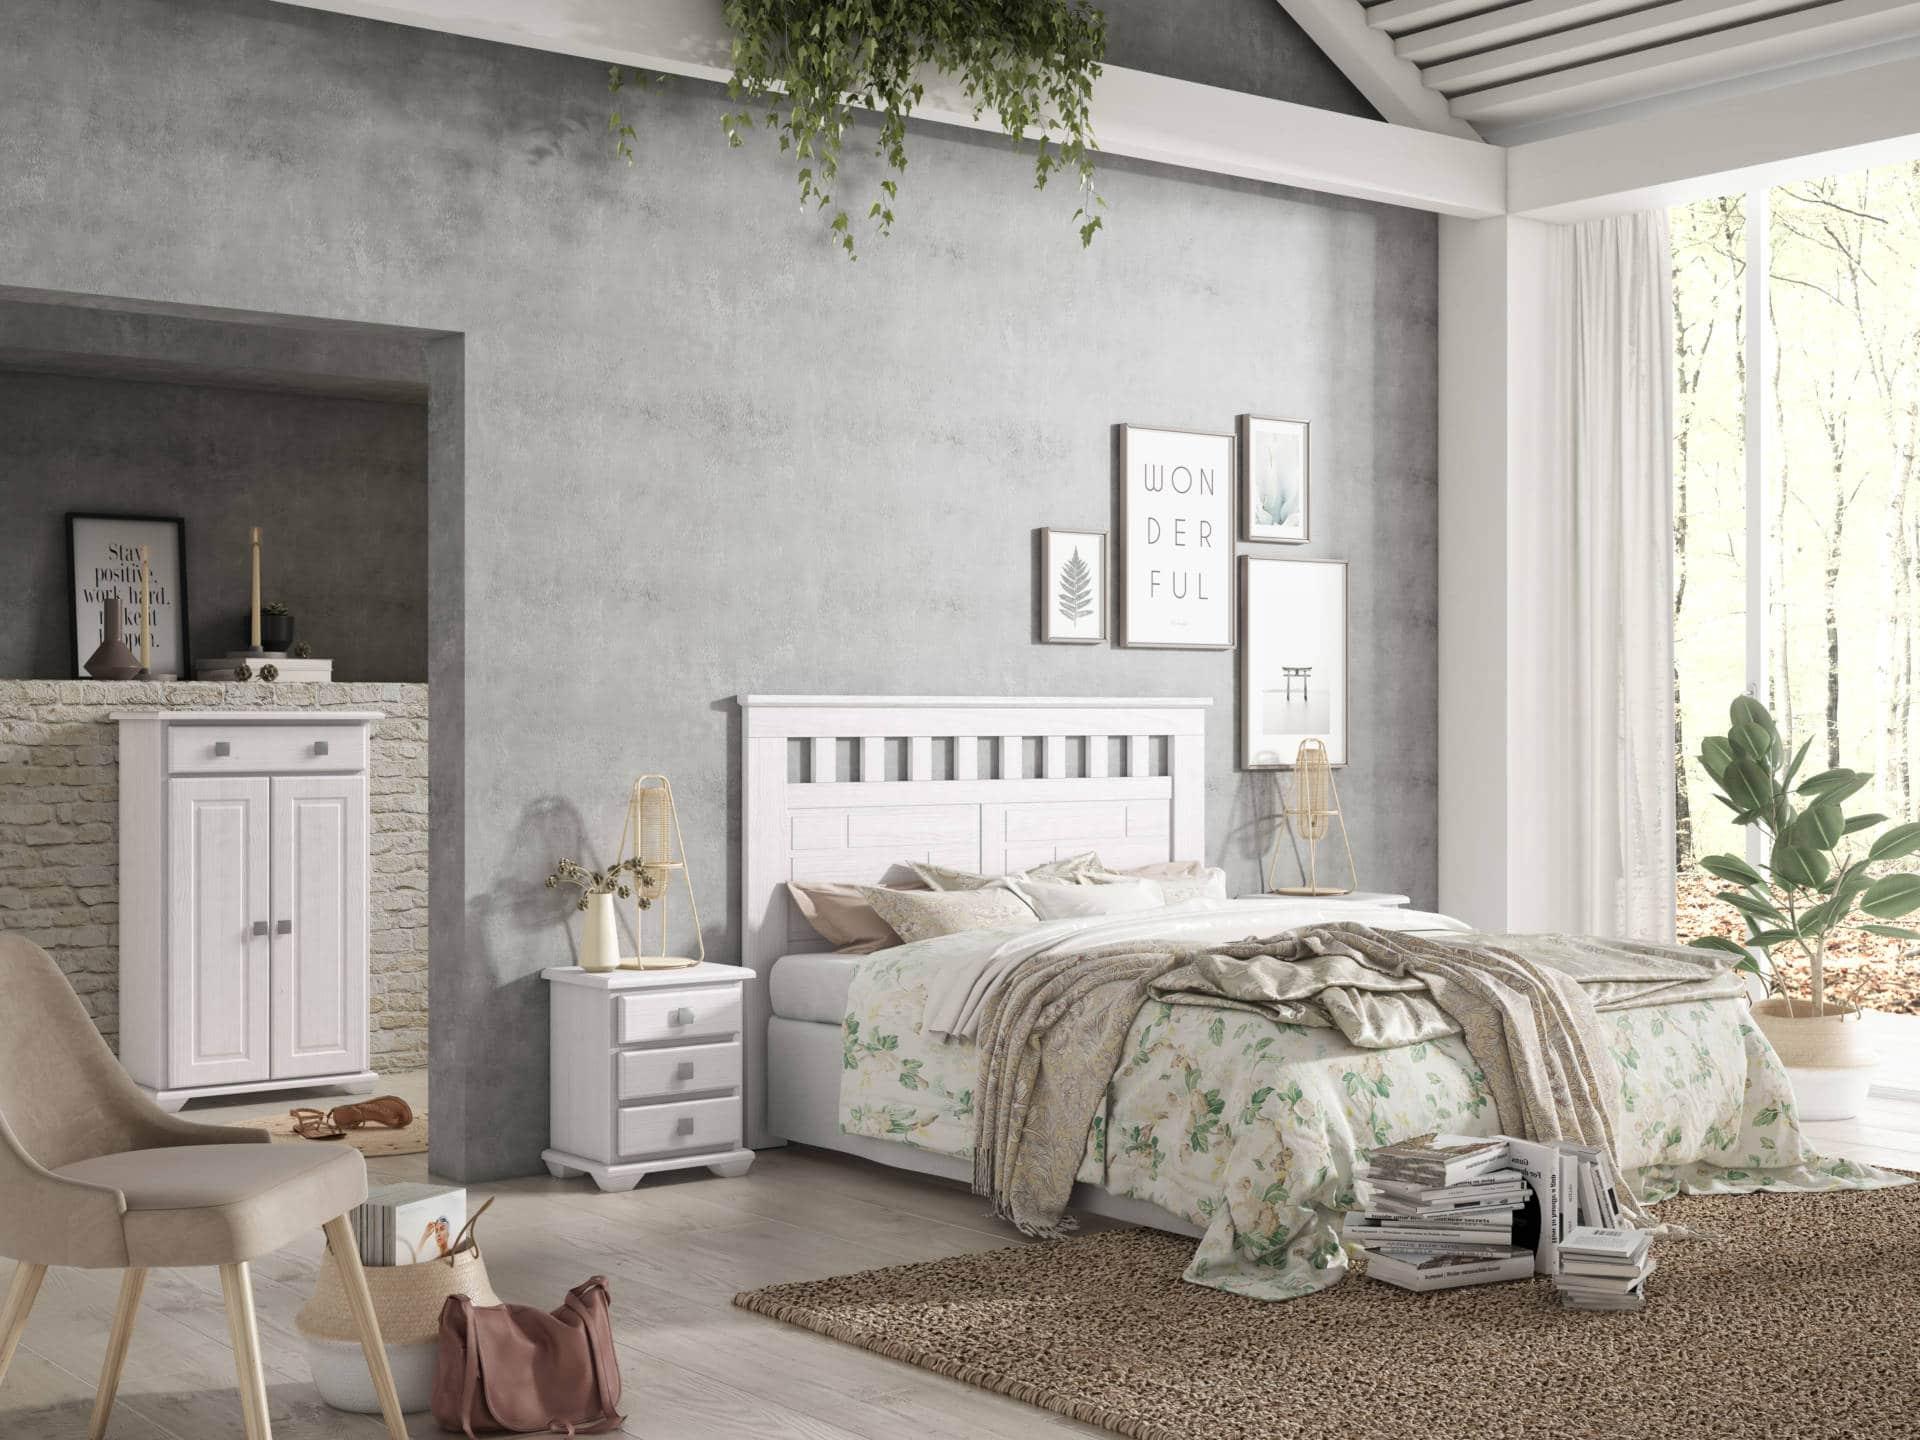 dormitorio_rustico_009